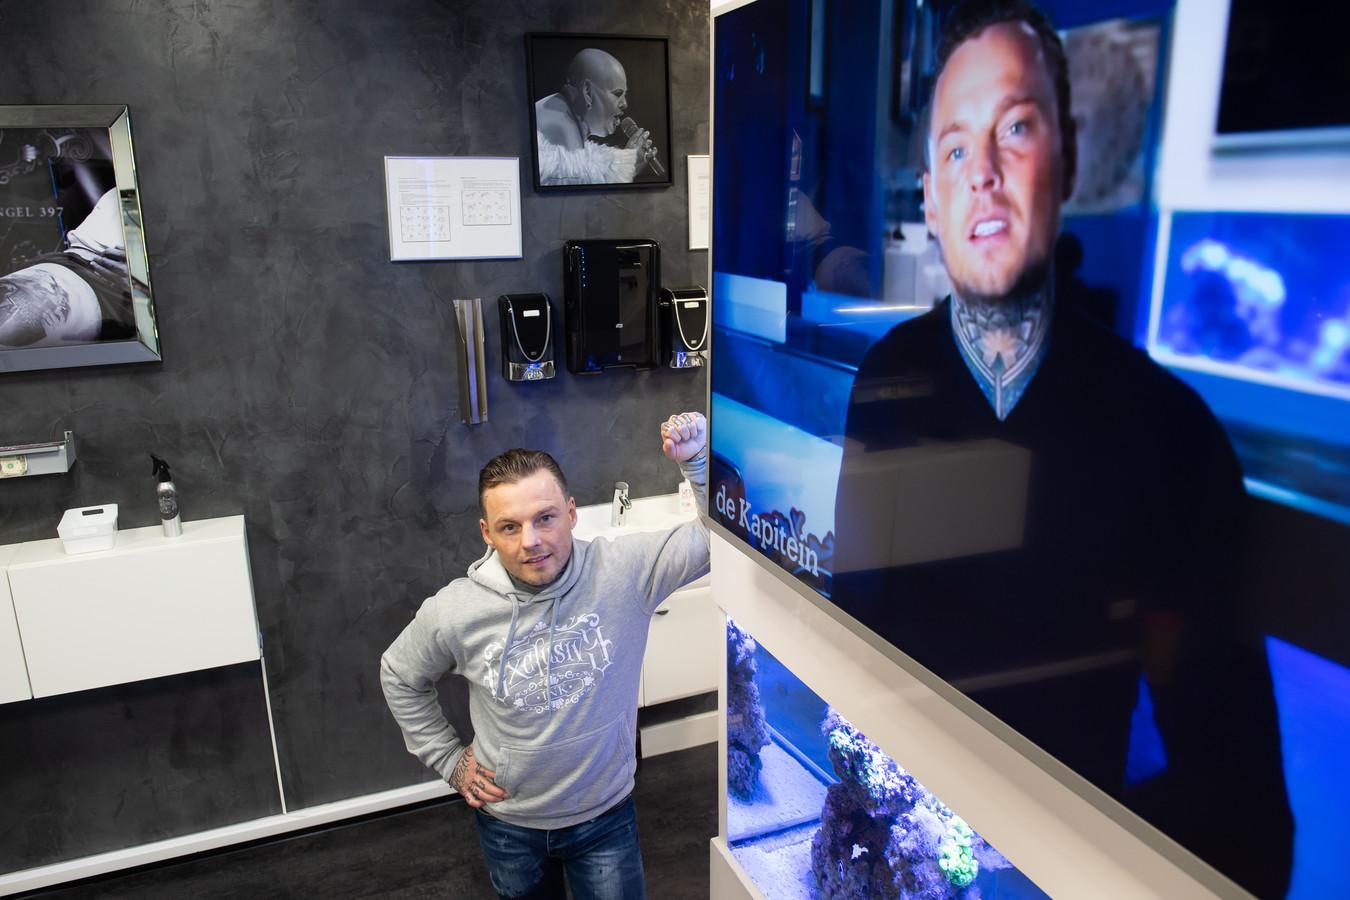 Tommy Dieckmann nam woensdag een videoboodschap op, waarin hij zijn noodkreet uit als ondernemer.